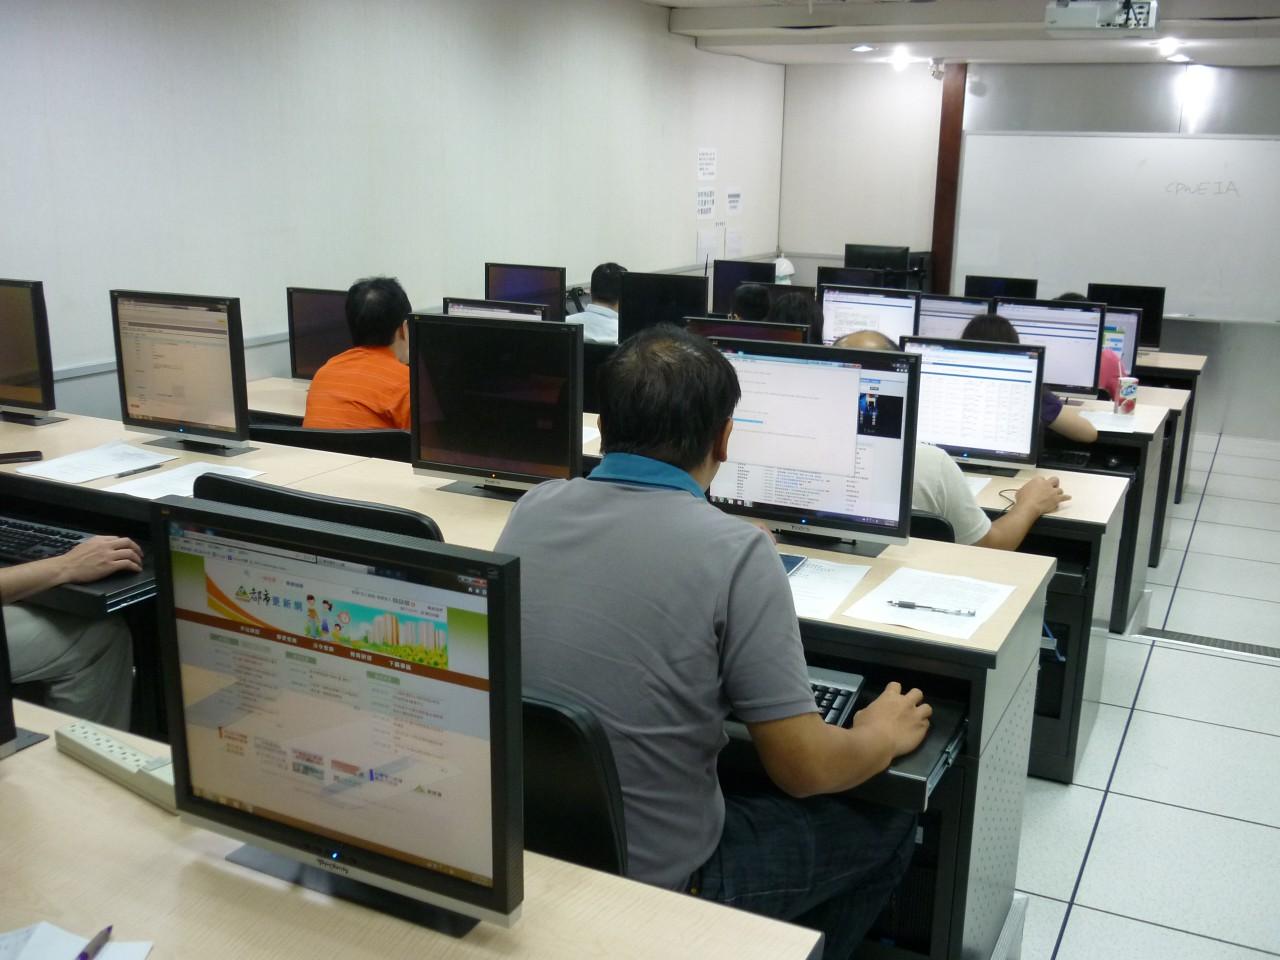 都市更新網教育訓練-政府單位(下午場)、共11張圖片